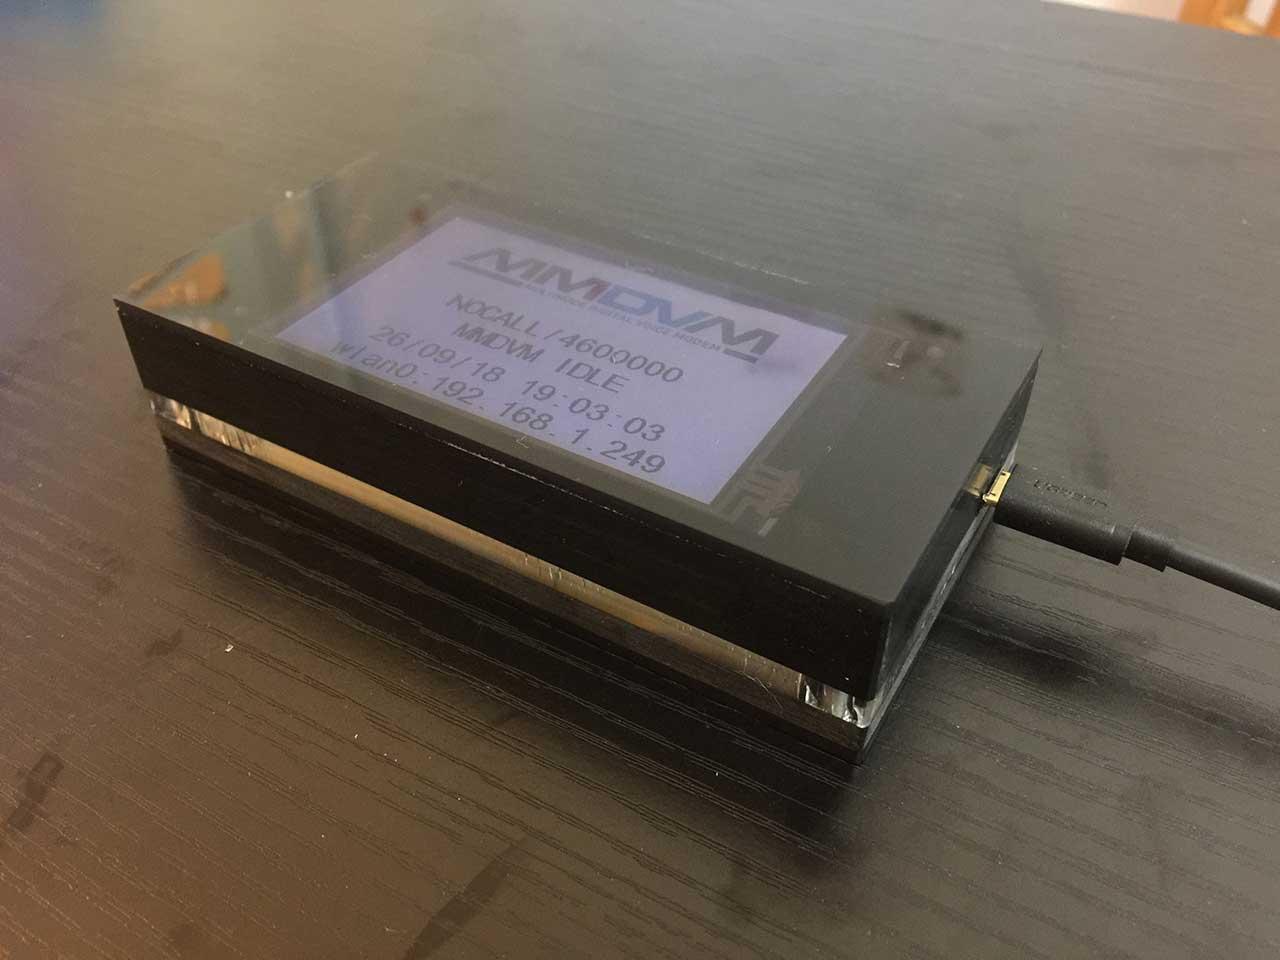 Assembled MMDVM Hotspot Support P25 DMR YSF Raspberry Pi Full LCD